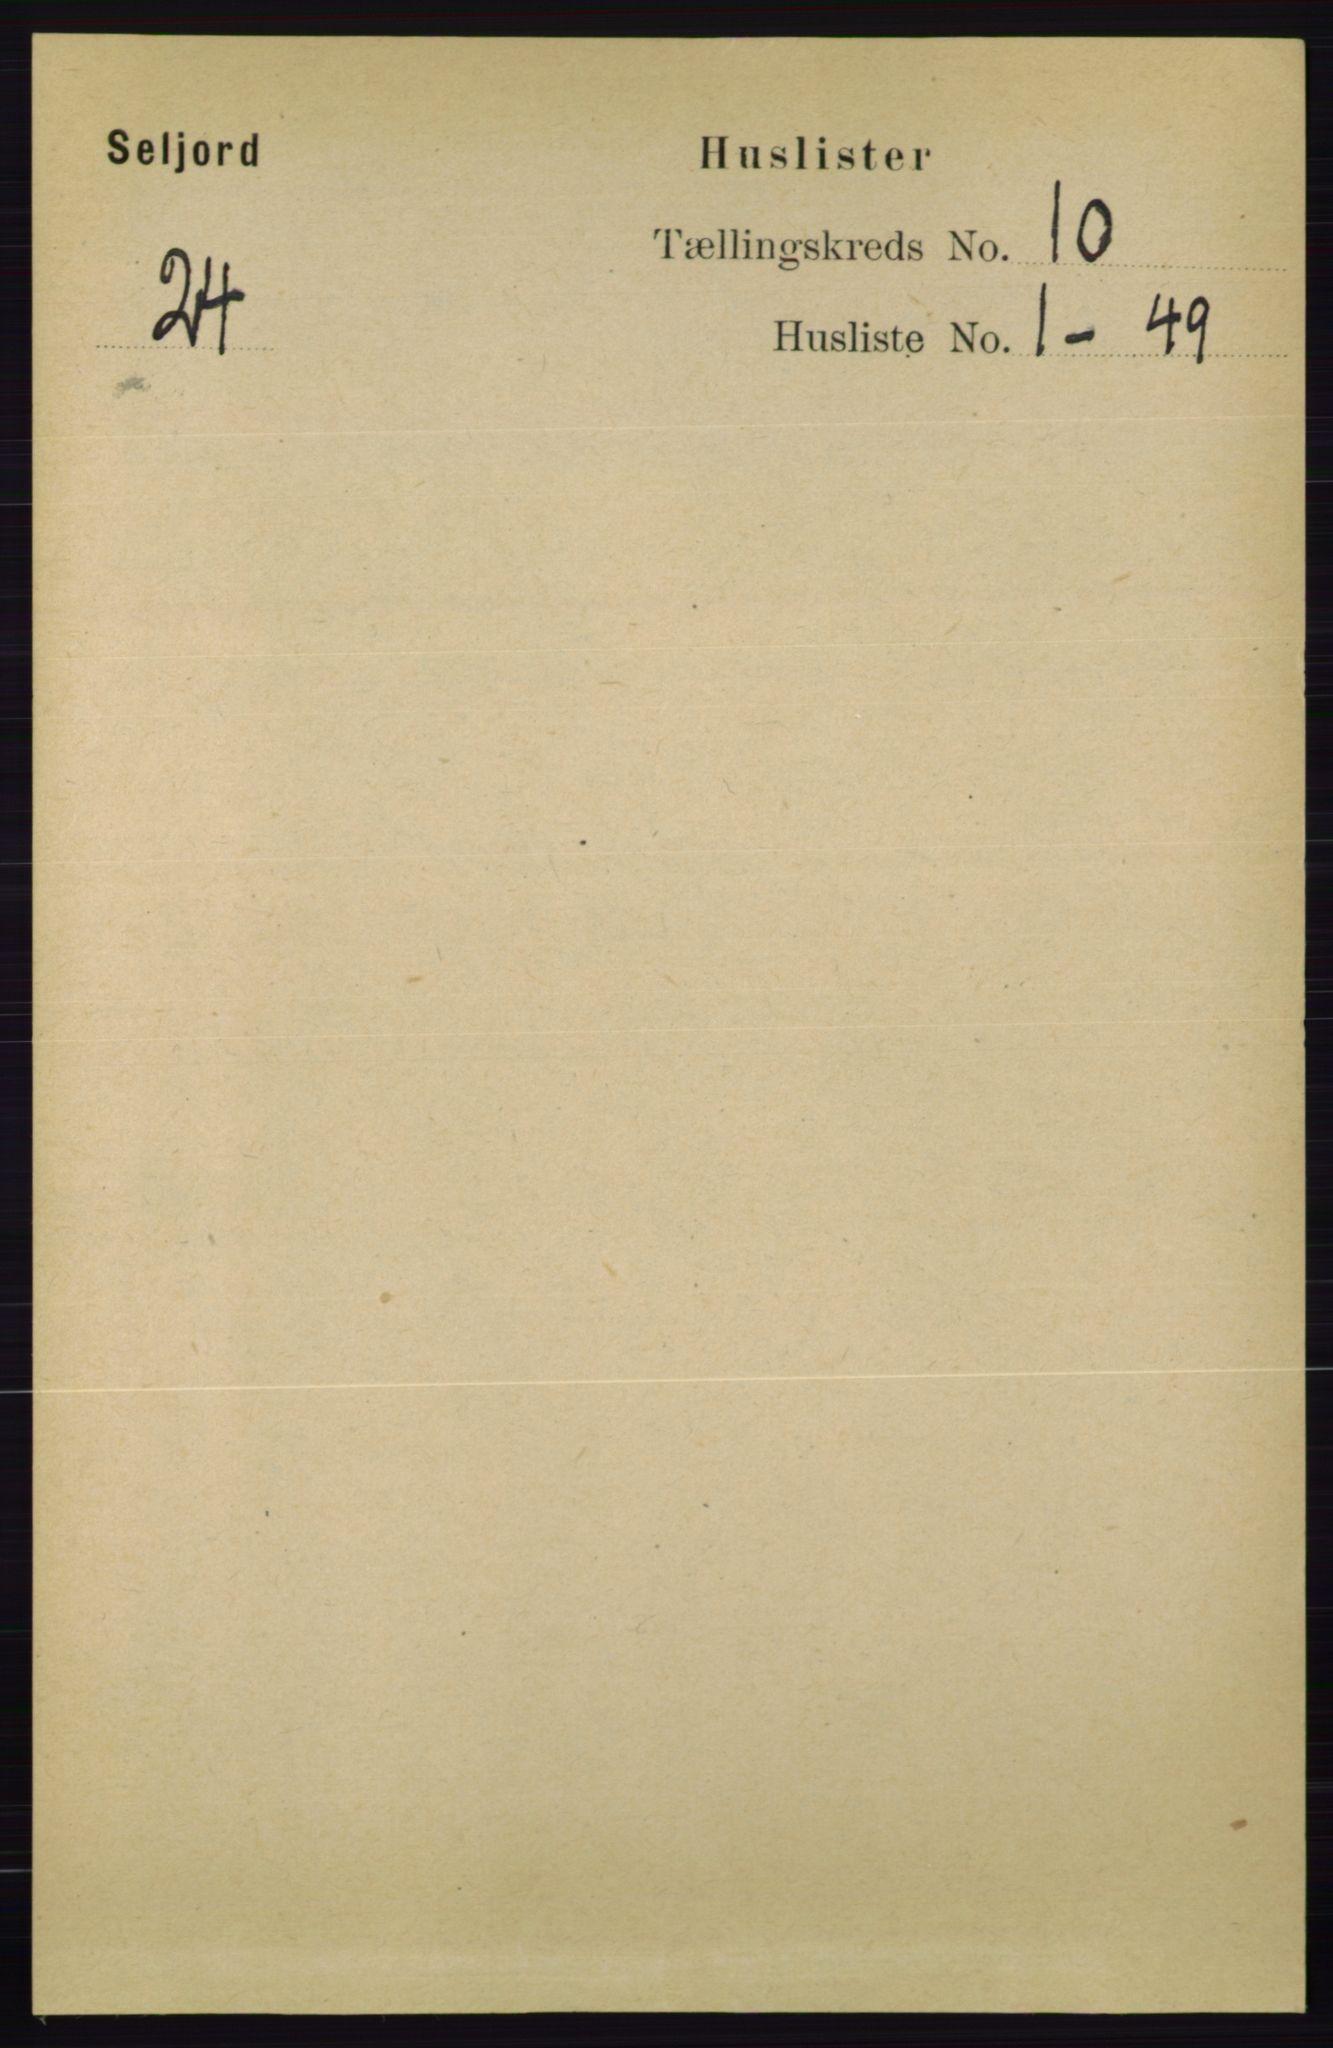 RA, Folketelling 1891 for 0828 Seljord herred, 1891, s. 3403